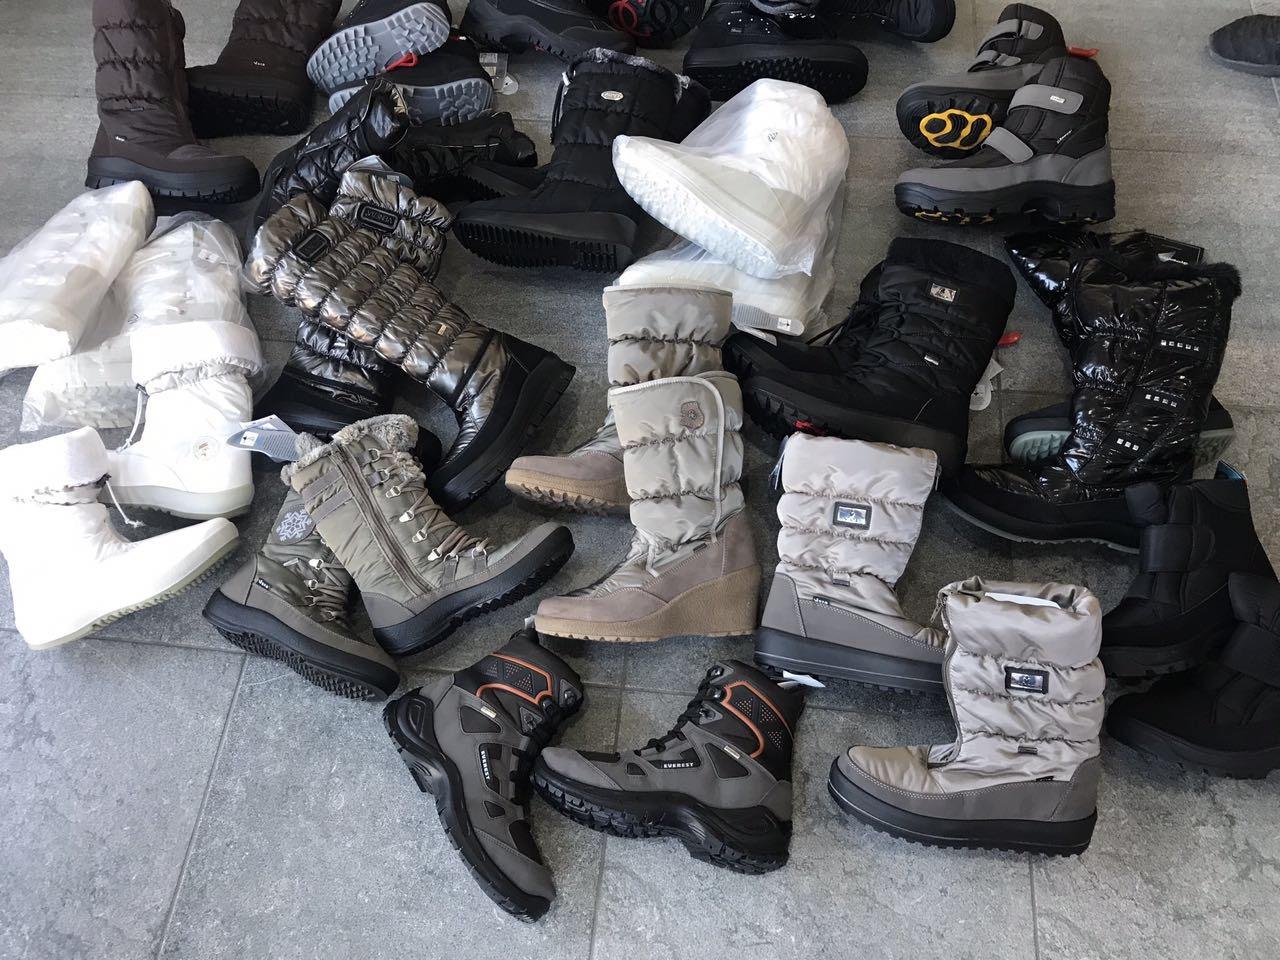 Обувь зимняя, итальянская, мужская и женская. Очень теплая. Есть вся ростовка.